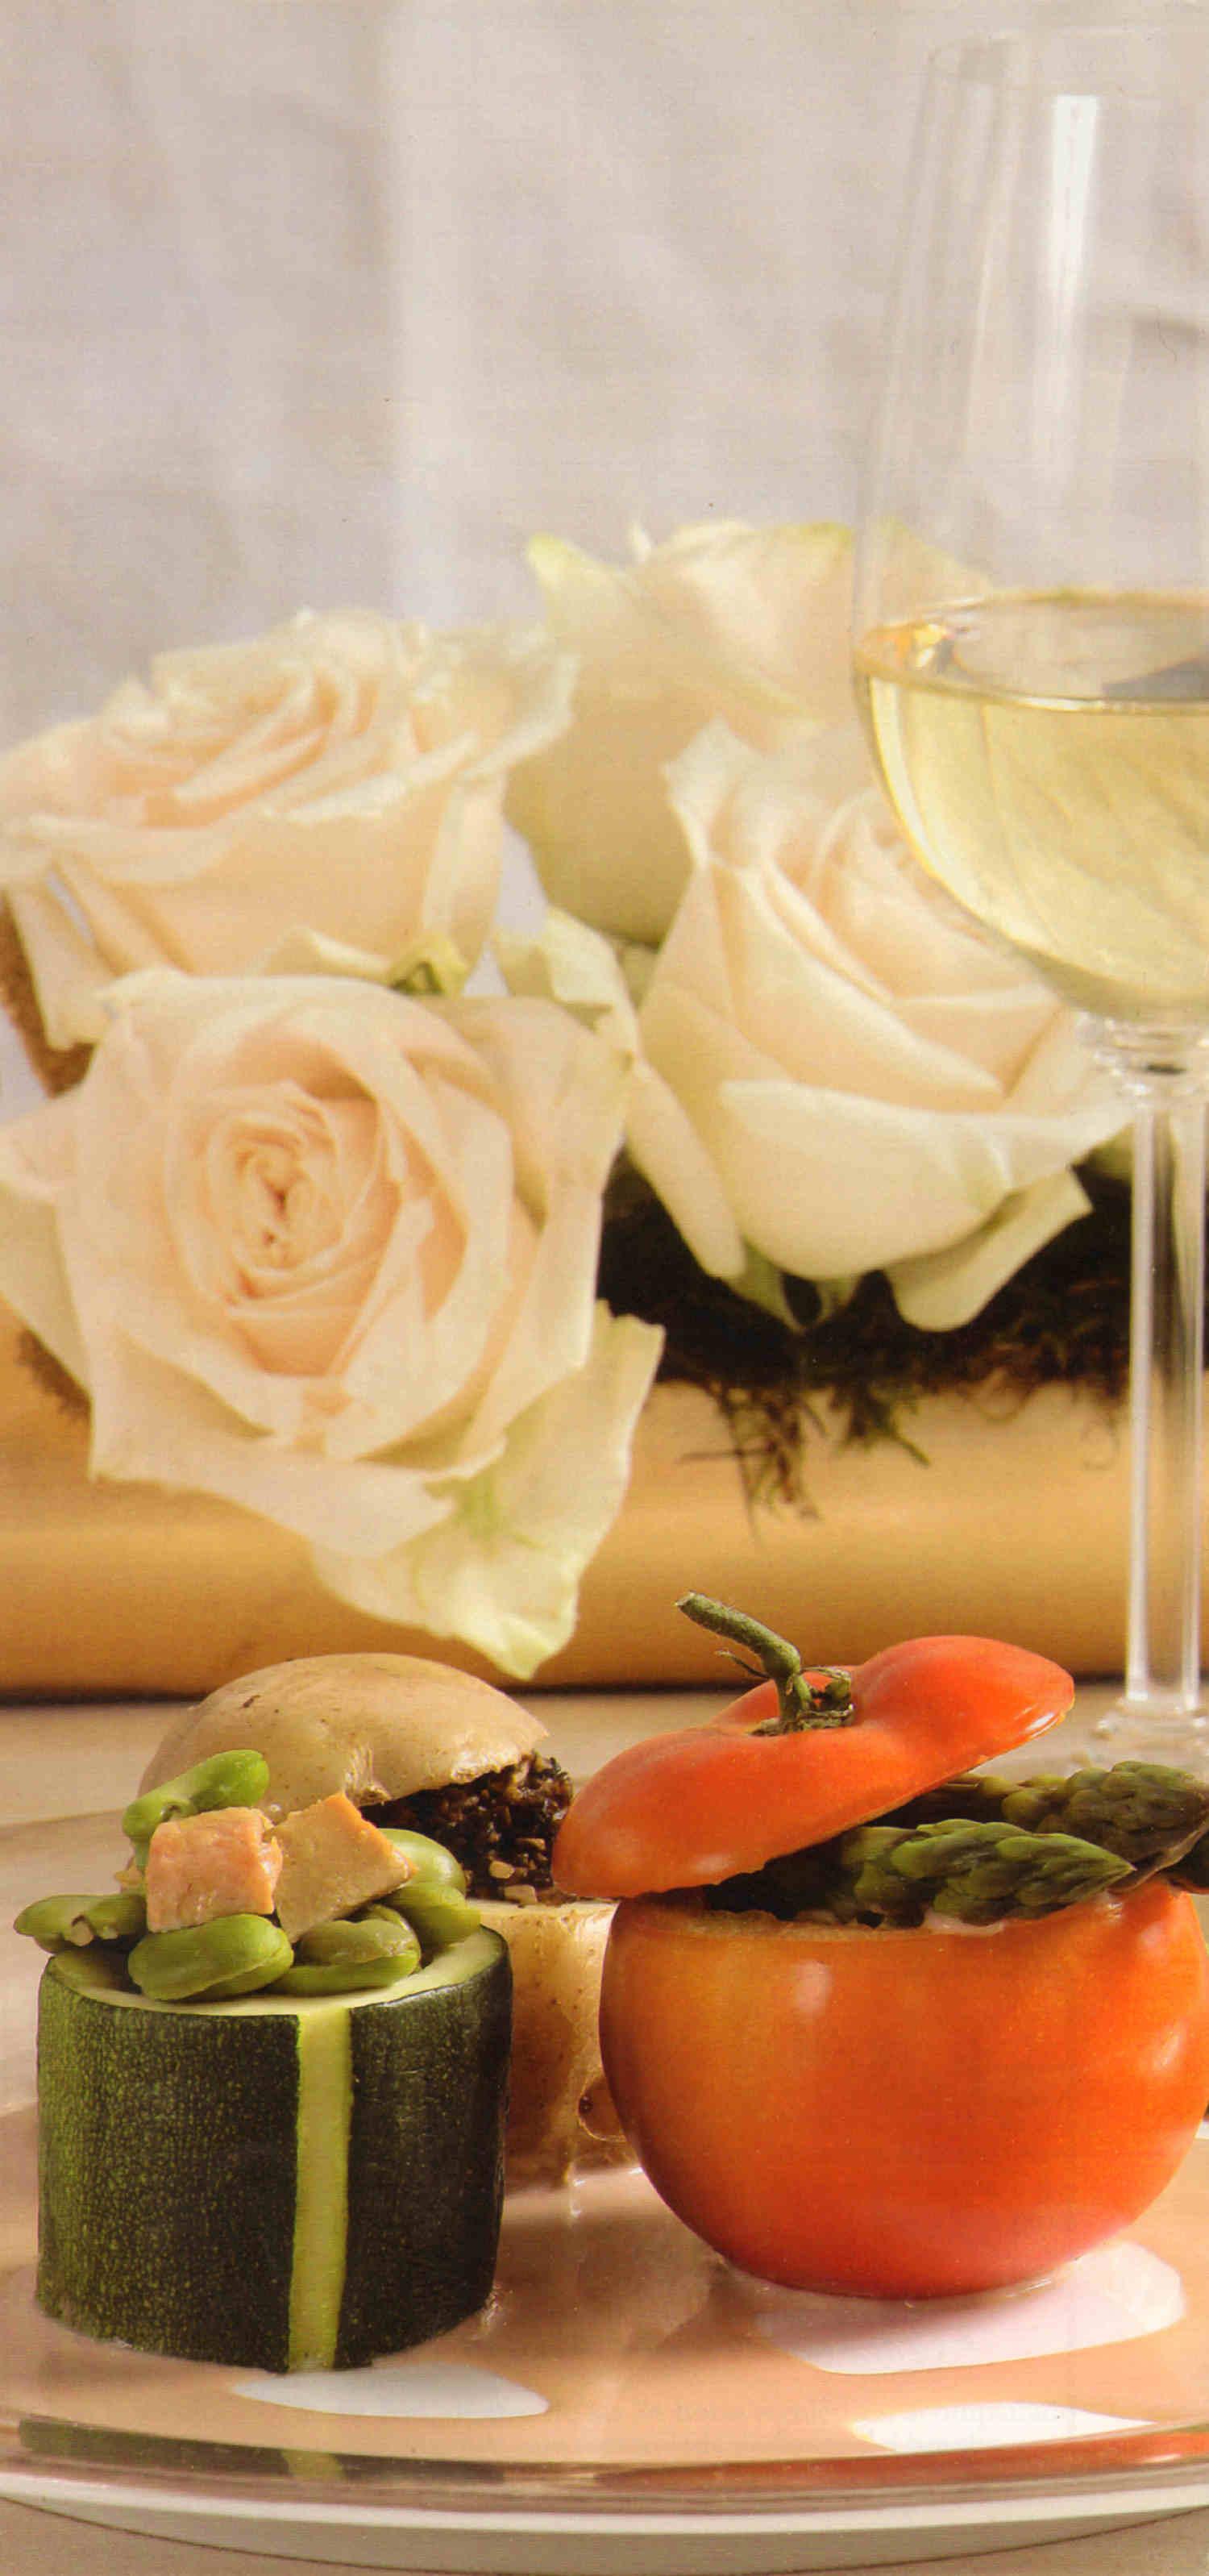 Fuente de verduras rellenas receta